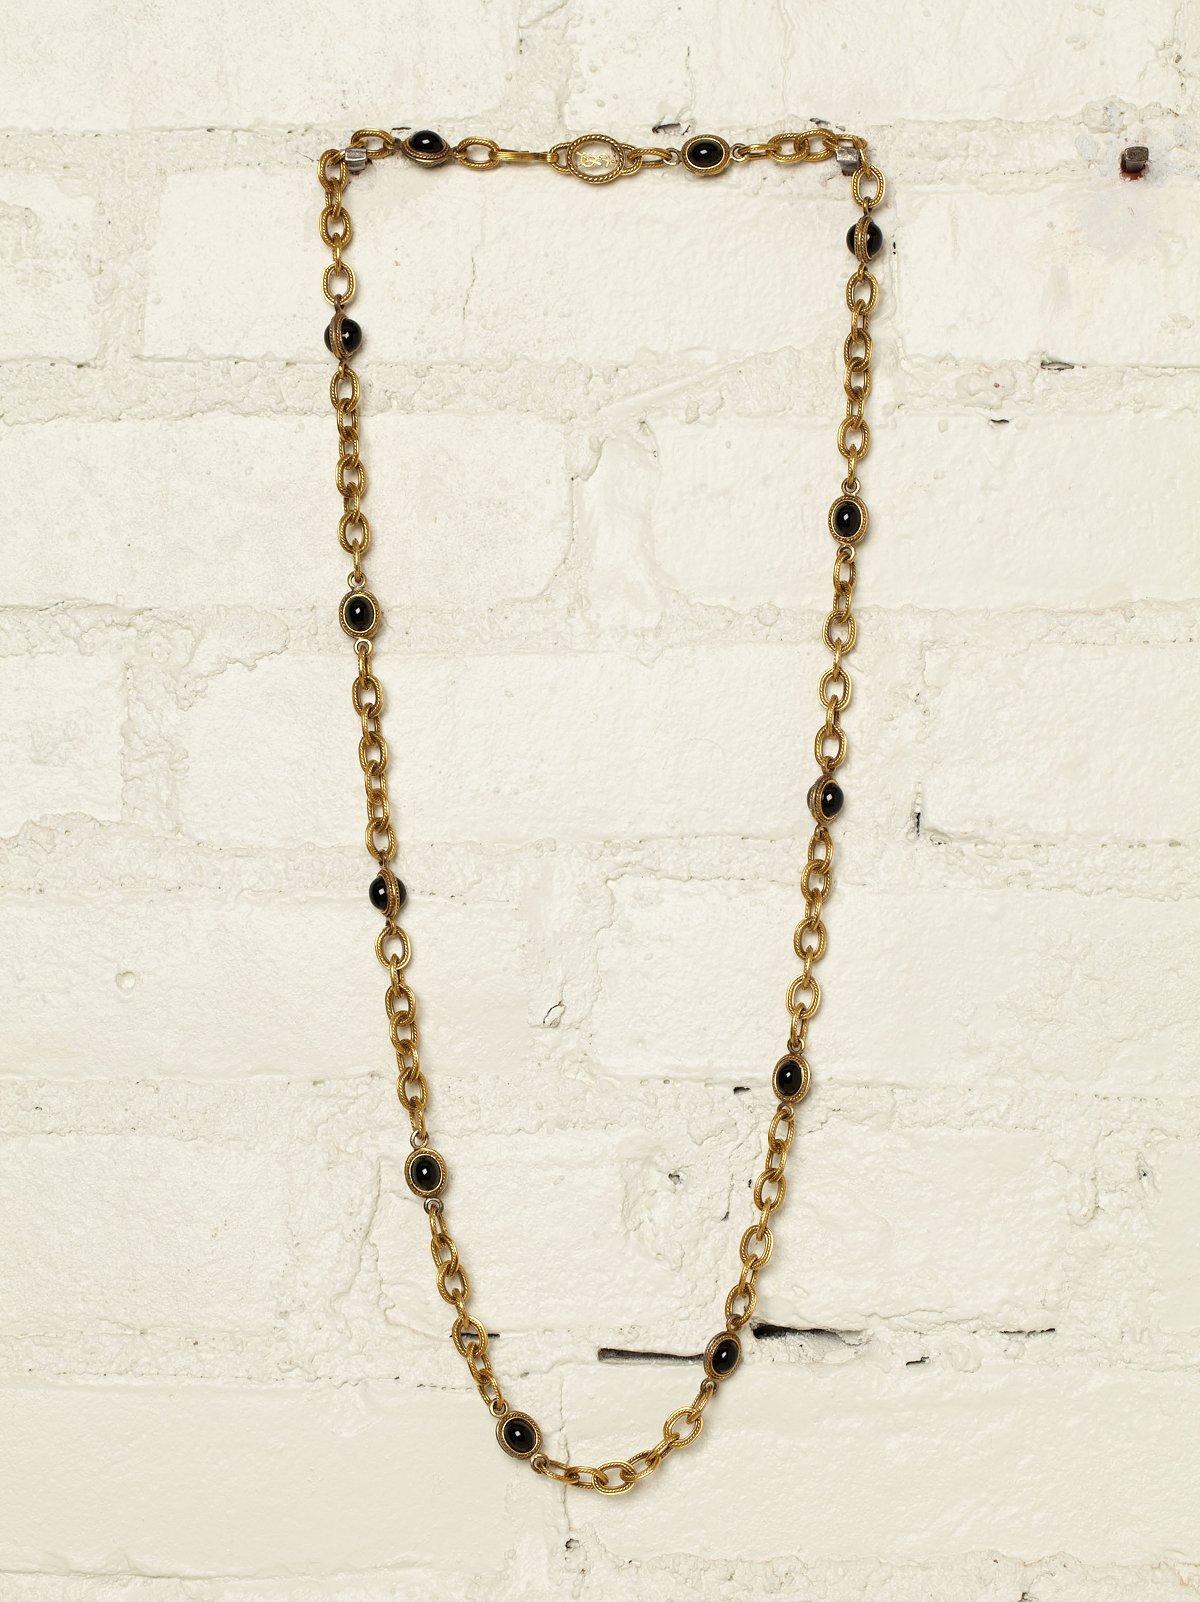 Vintage Yves Saint Laurent Chain Necklace